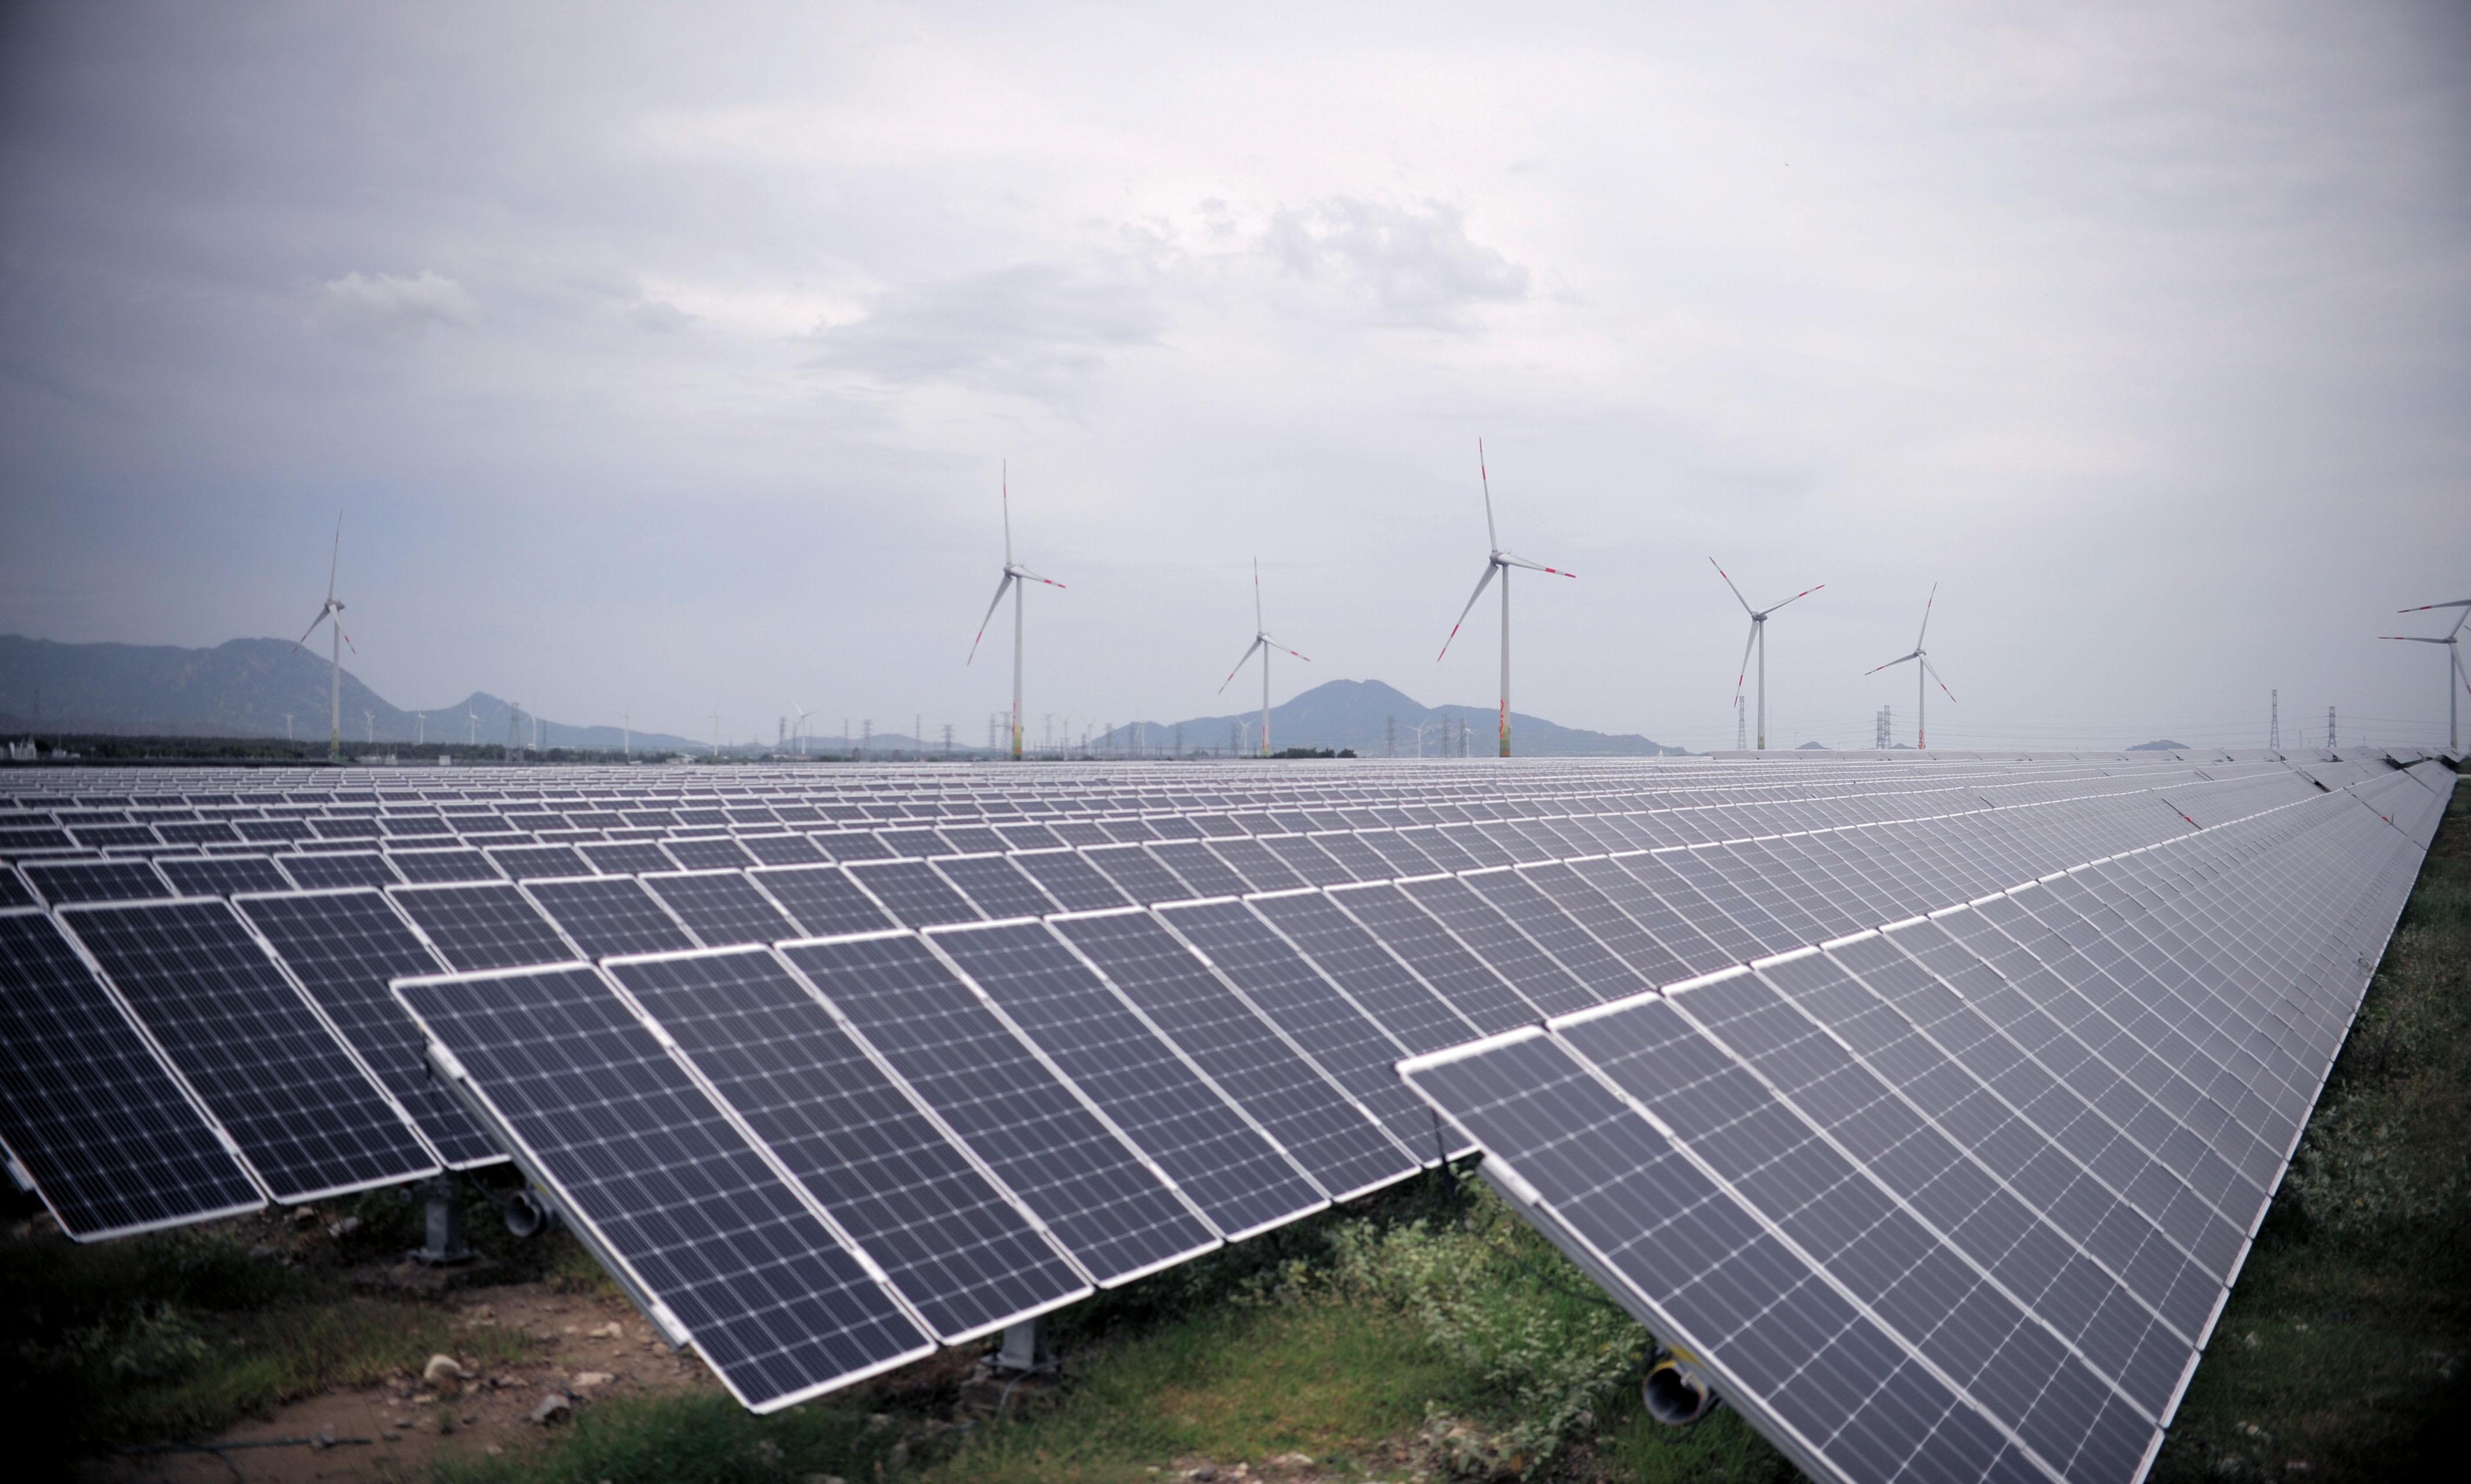 Ninh Thuận sẽ trở thành trung tâm năng lượng tái tạo của nước - Ảnh 1.